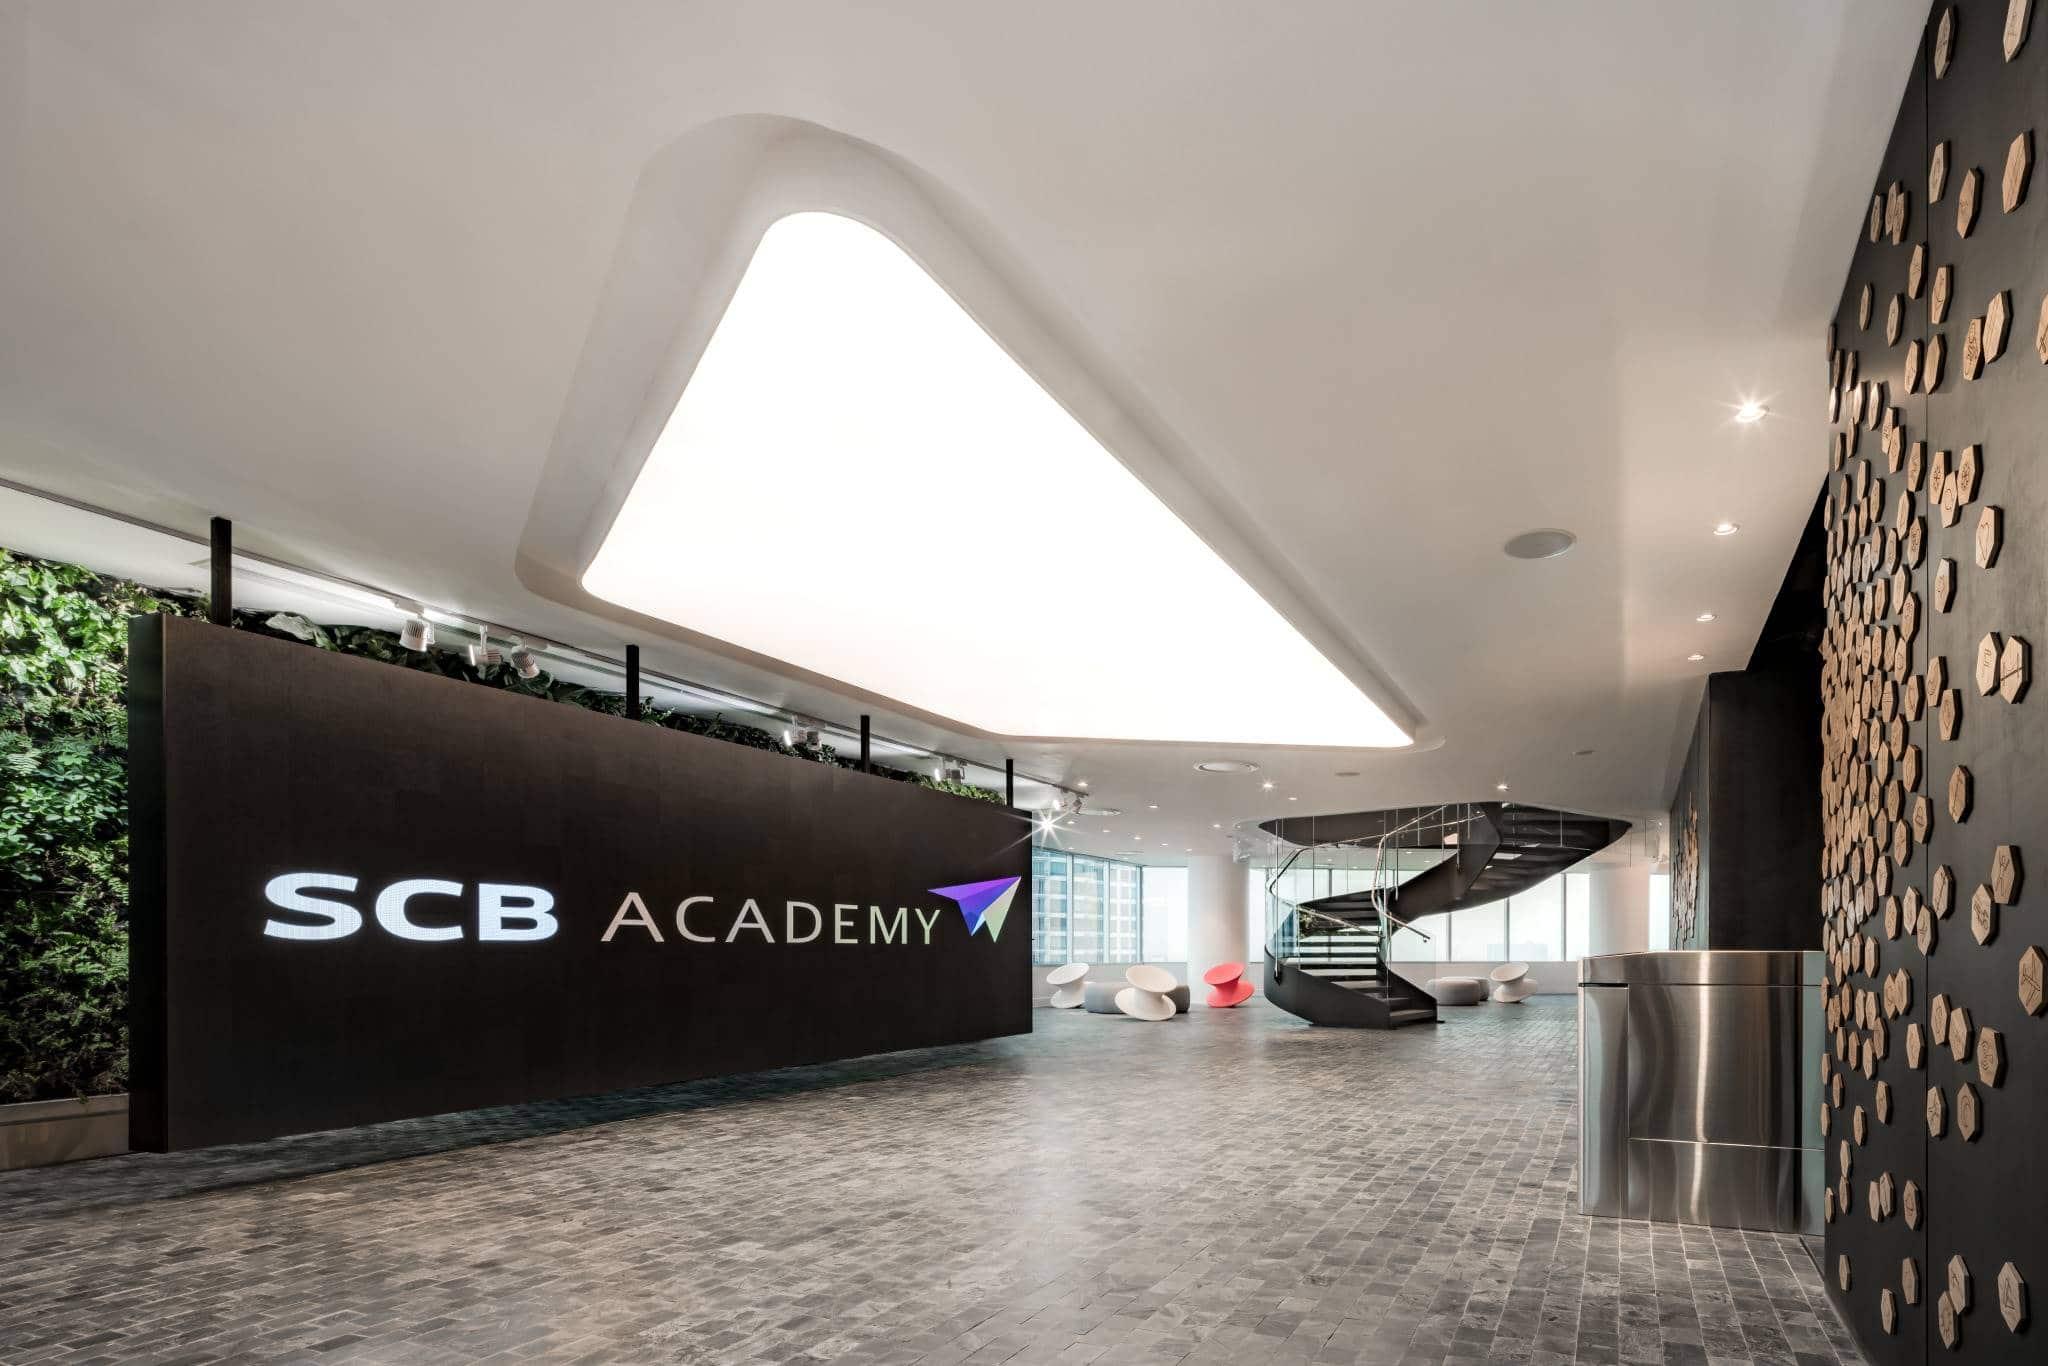 ไทยพาณิชย์เปิดตัว SCB Academy เสริมแกร่งบุคลากรสู่เป้าหมาย Tech Bank | Prop2Morrow บ้าน คอนโด ข่าวอสังหาฯ